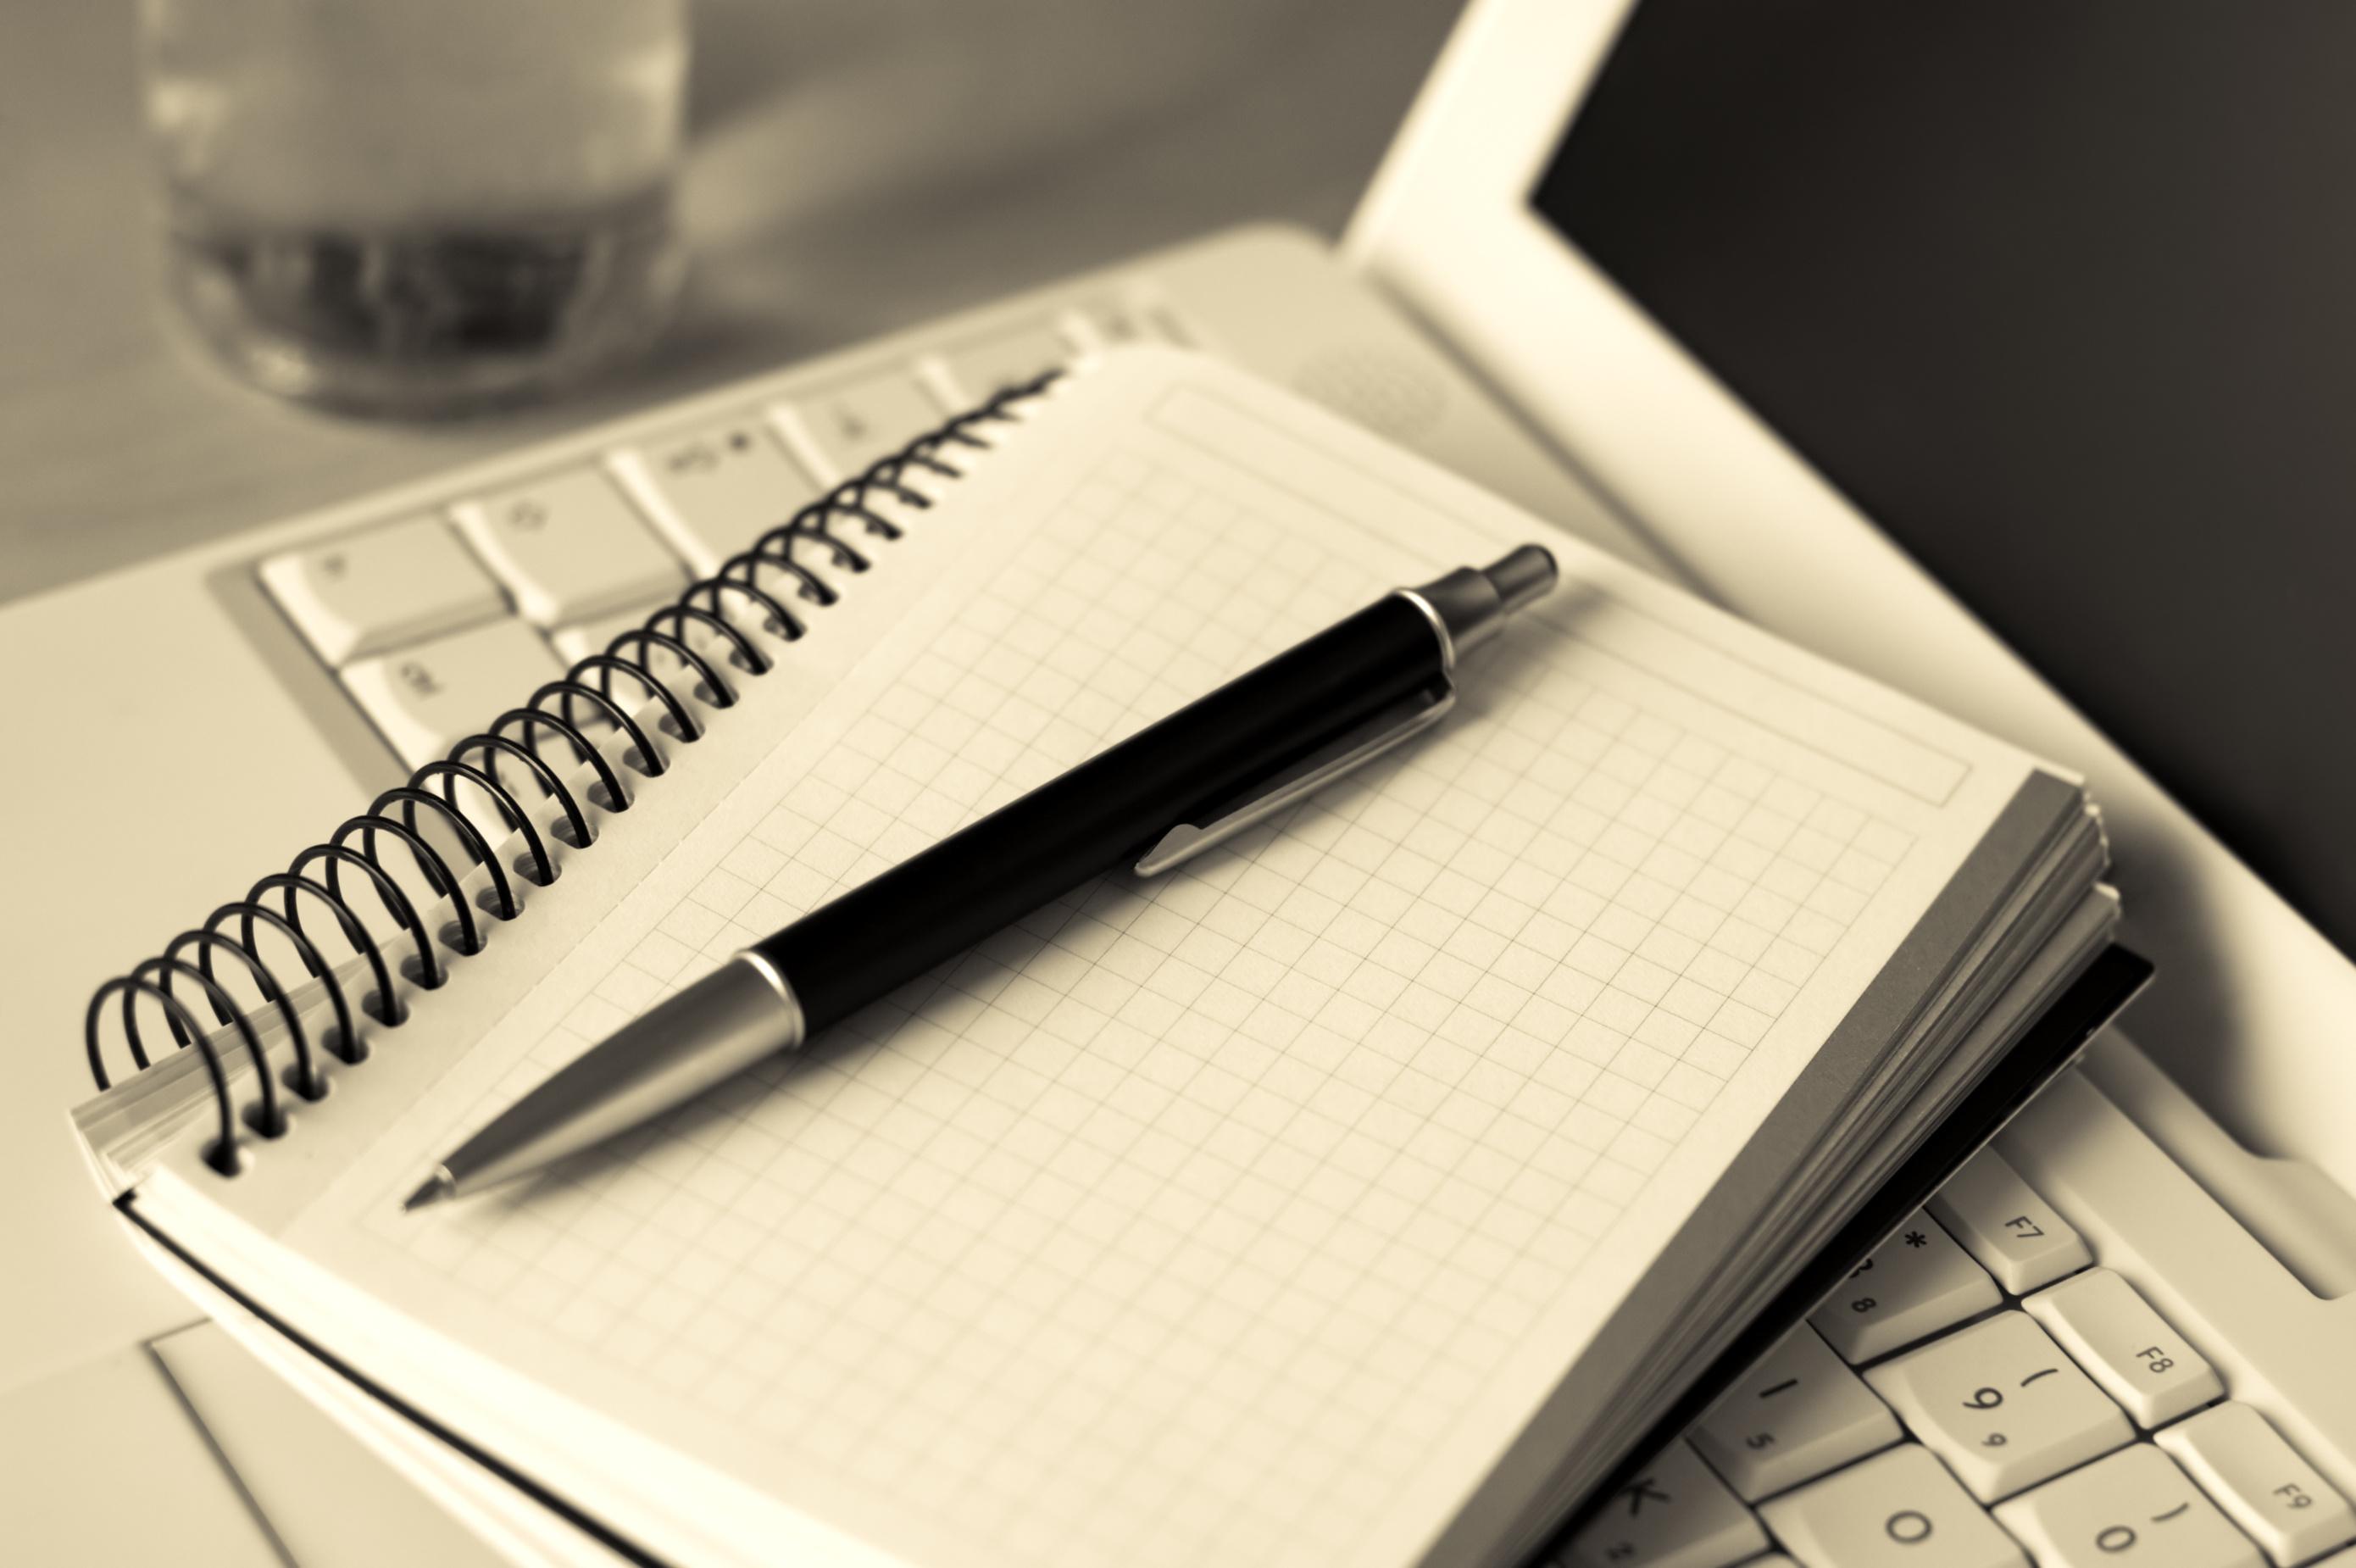 Devenez Rédacteur pour le blog PhoneDroid.fr !